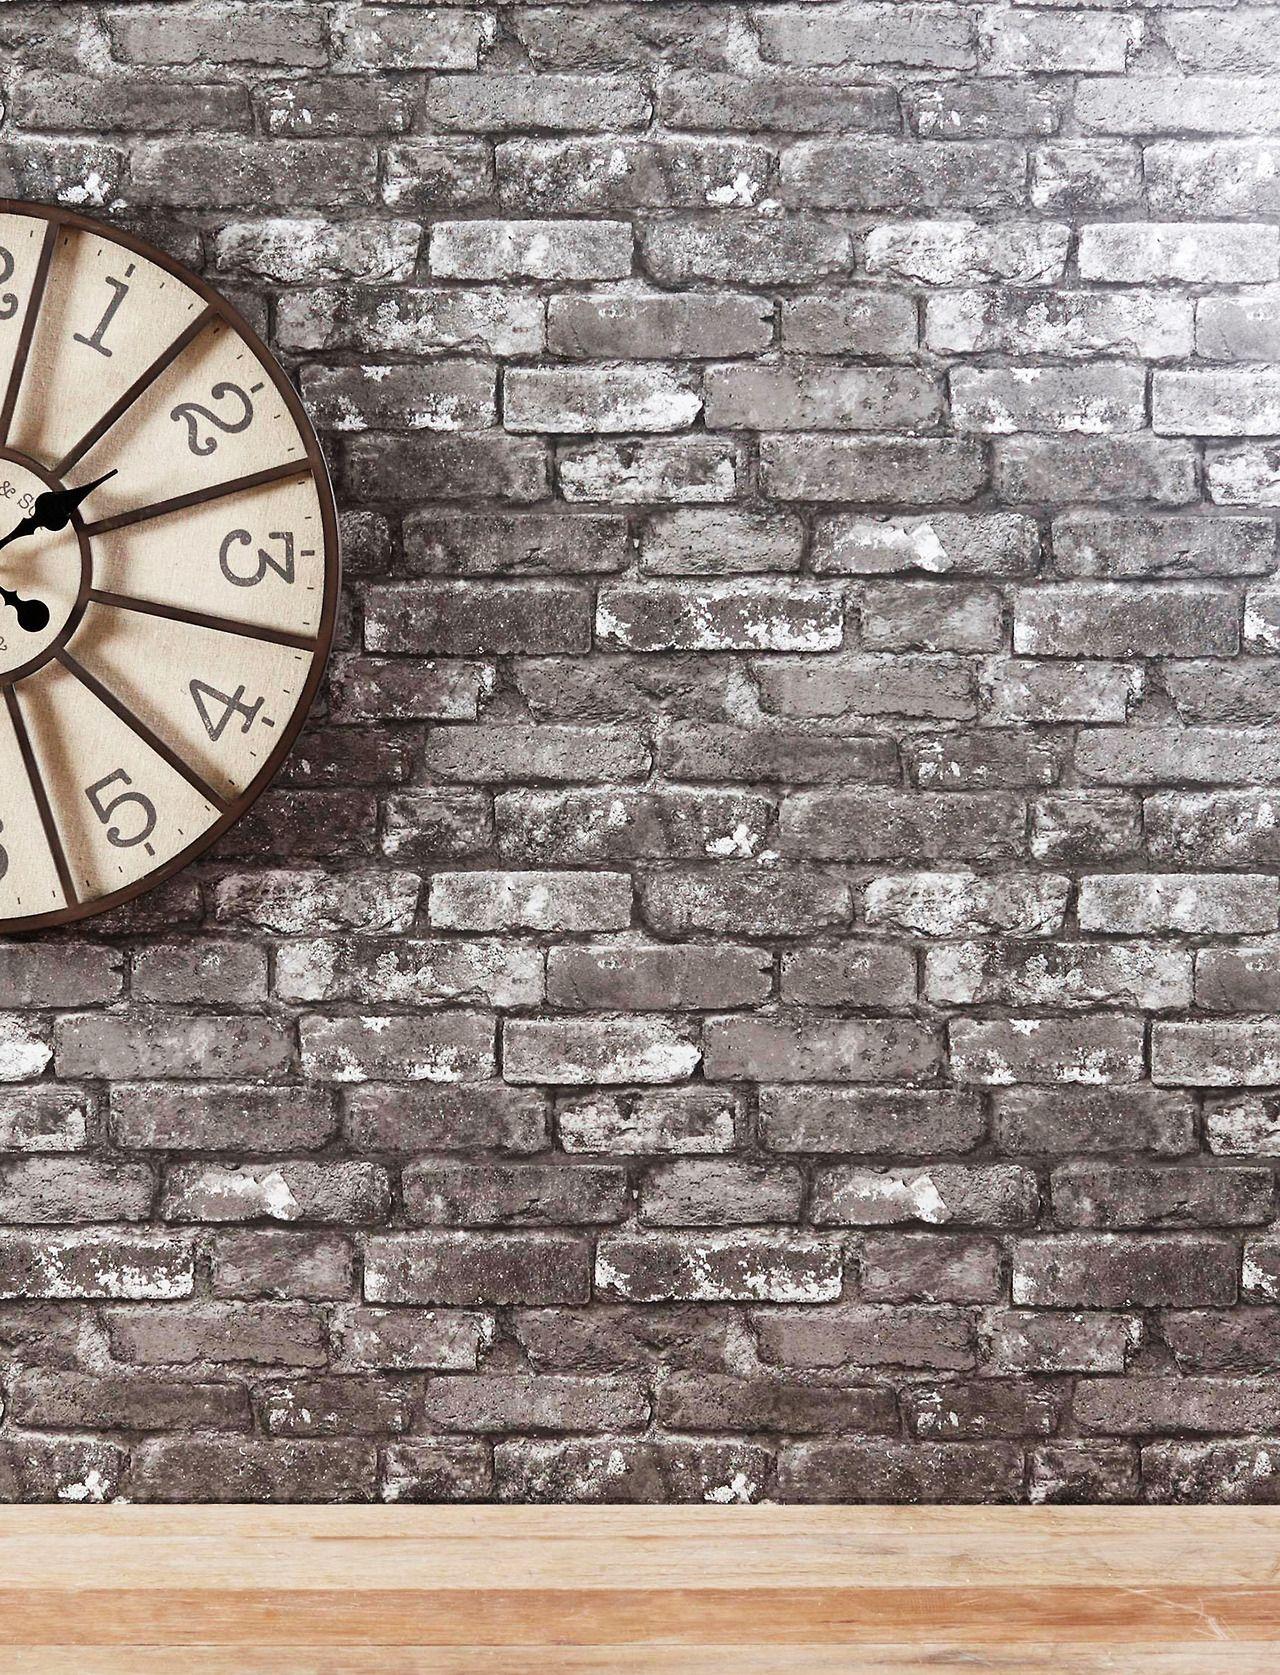 Grey brick wallpaper from Next | Shades of Grey | Brick wallpaper living room, Brick wallpaper ...